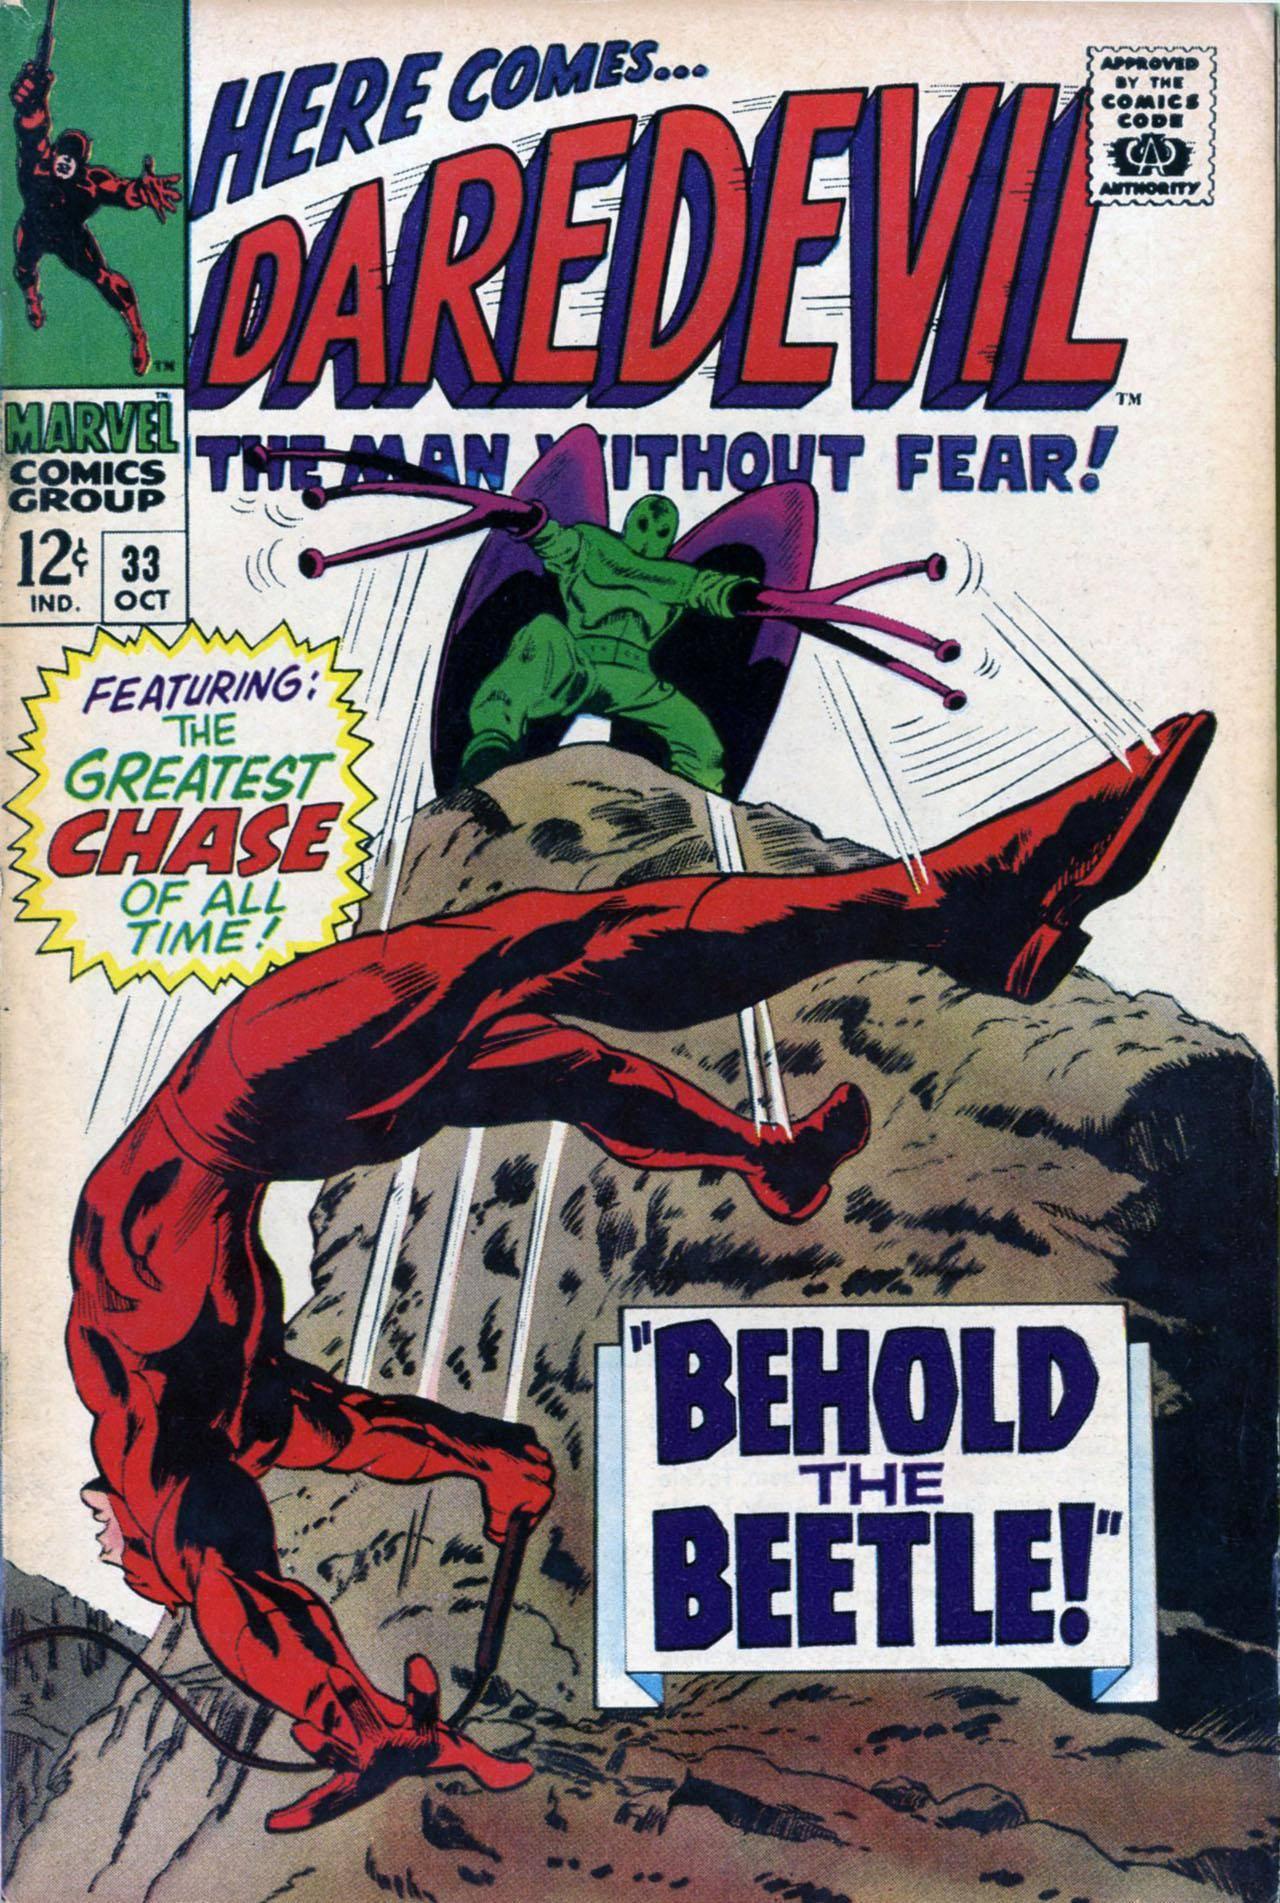 DD 1 1964 - 512 2011 [33 of 514] Daredevil - 1967 - 033 cbz